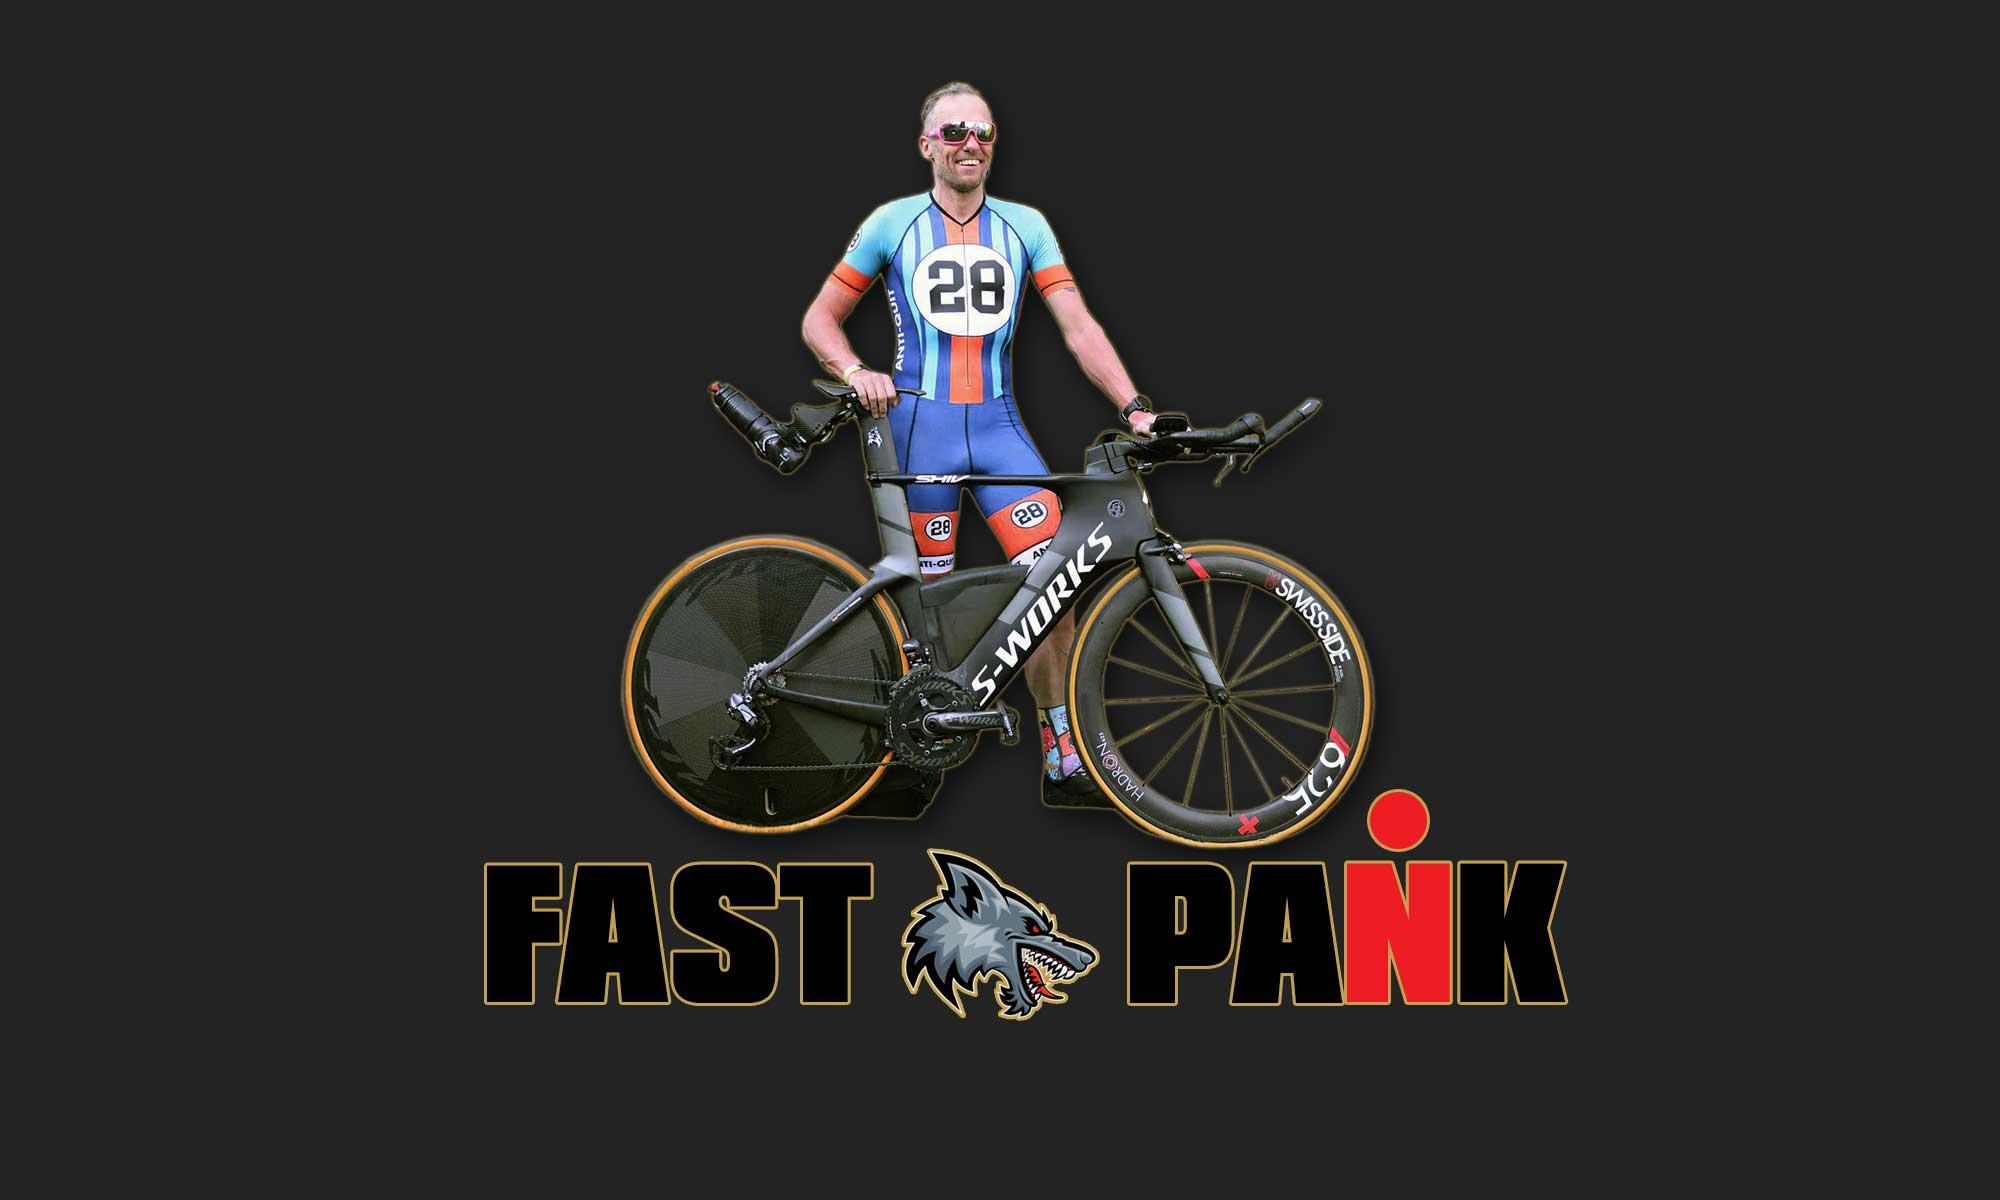 FASTPANK.DE